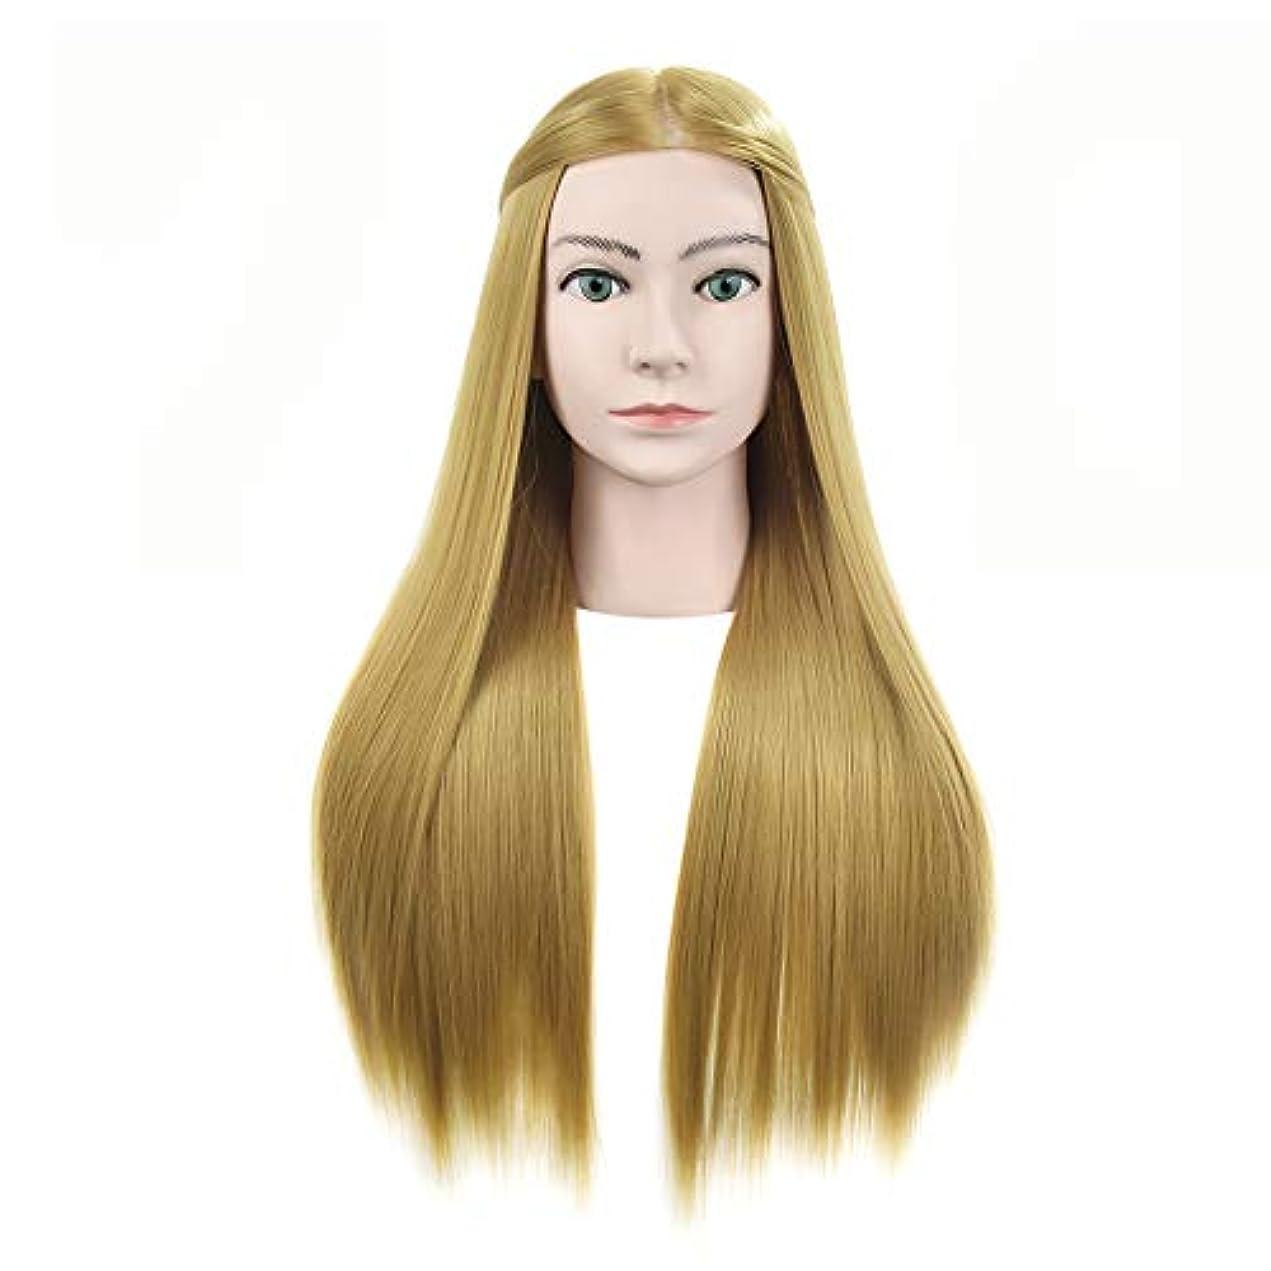 兵器庫ポール書店メイクディスクヘアスタイリング編み教育ダミーヘッドサロンエクササイズヘッド金型理髪ヘアカットトレーニングかつら